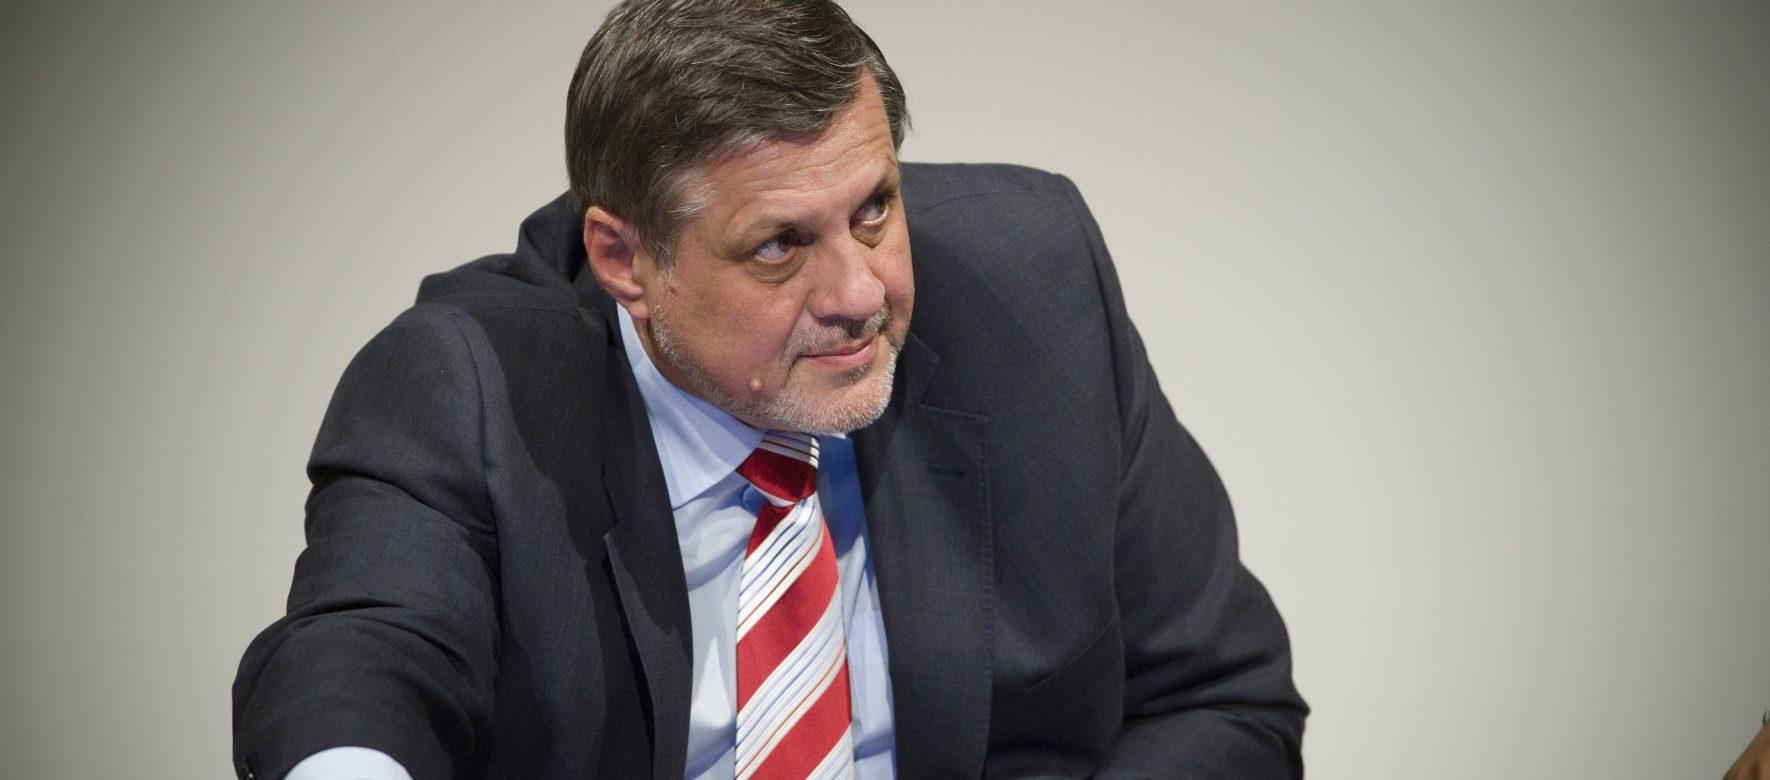 Liban : Le slovaque Jan Kubis nommé nouveau coordonnateur de l'ONU pour le Liban